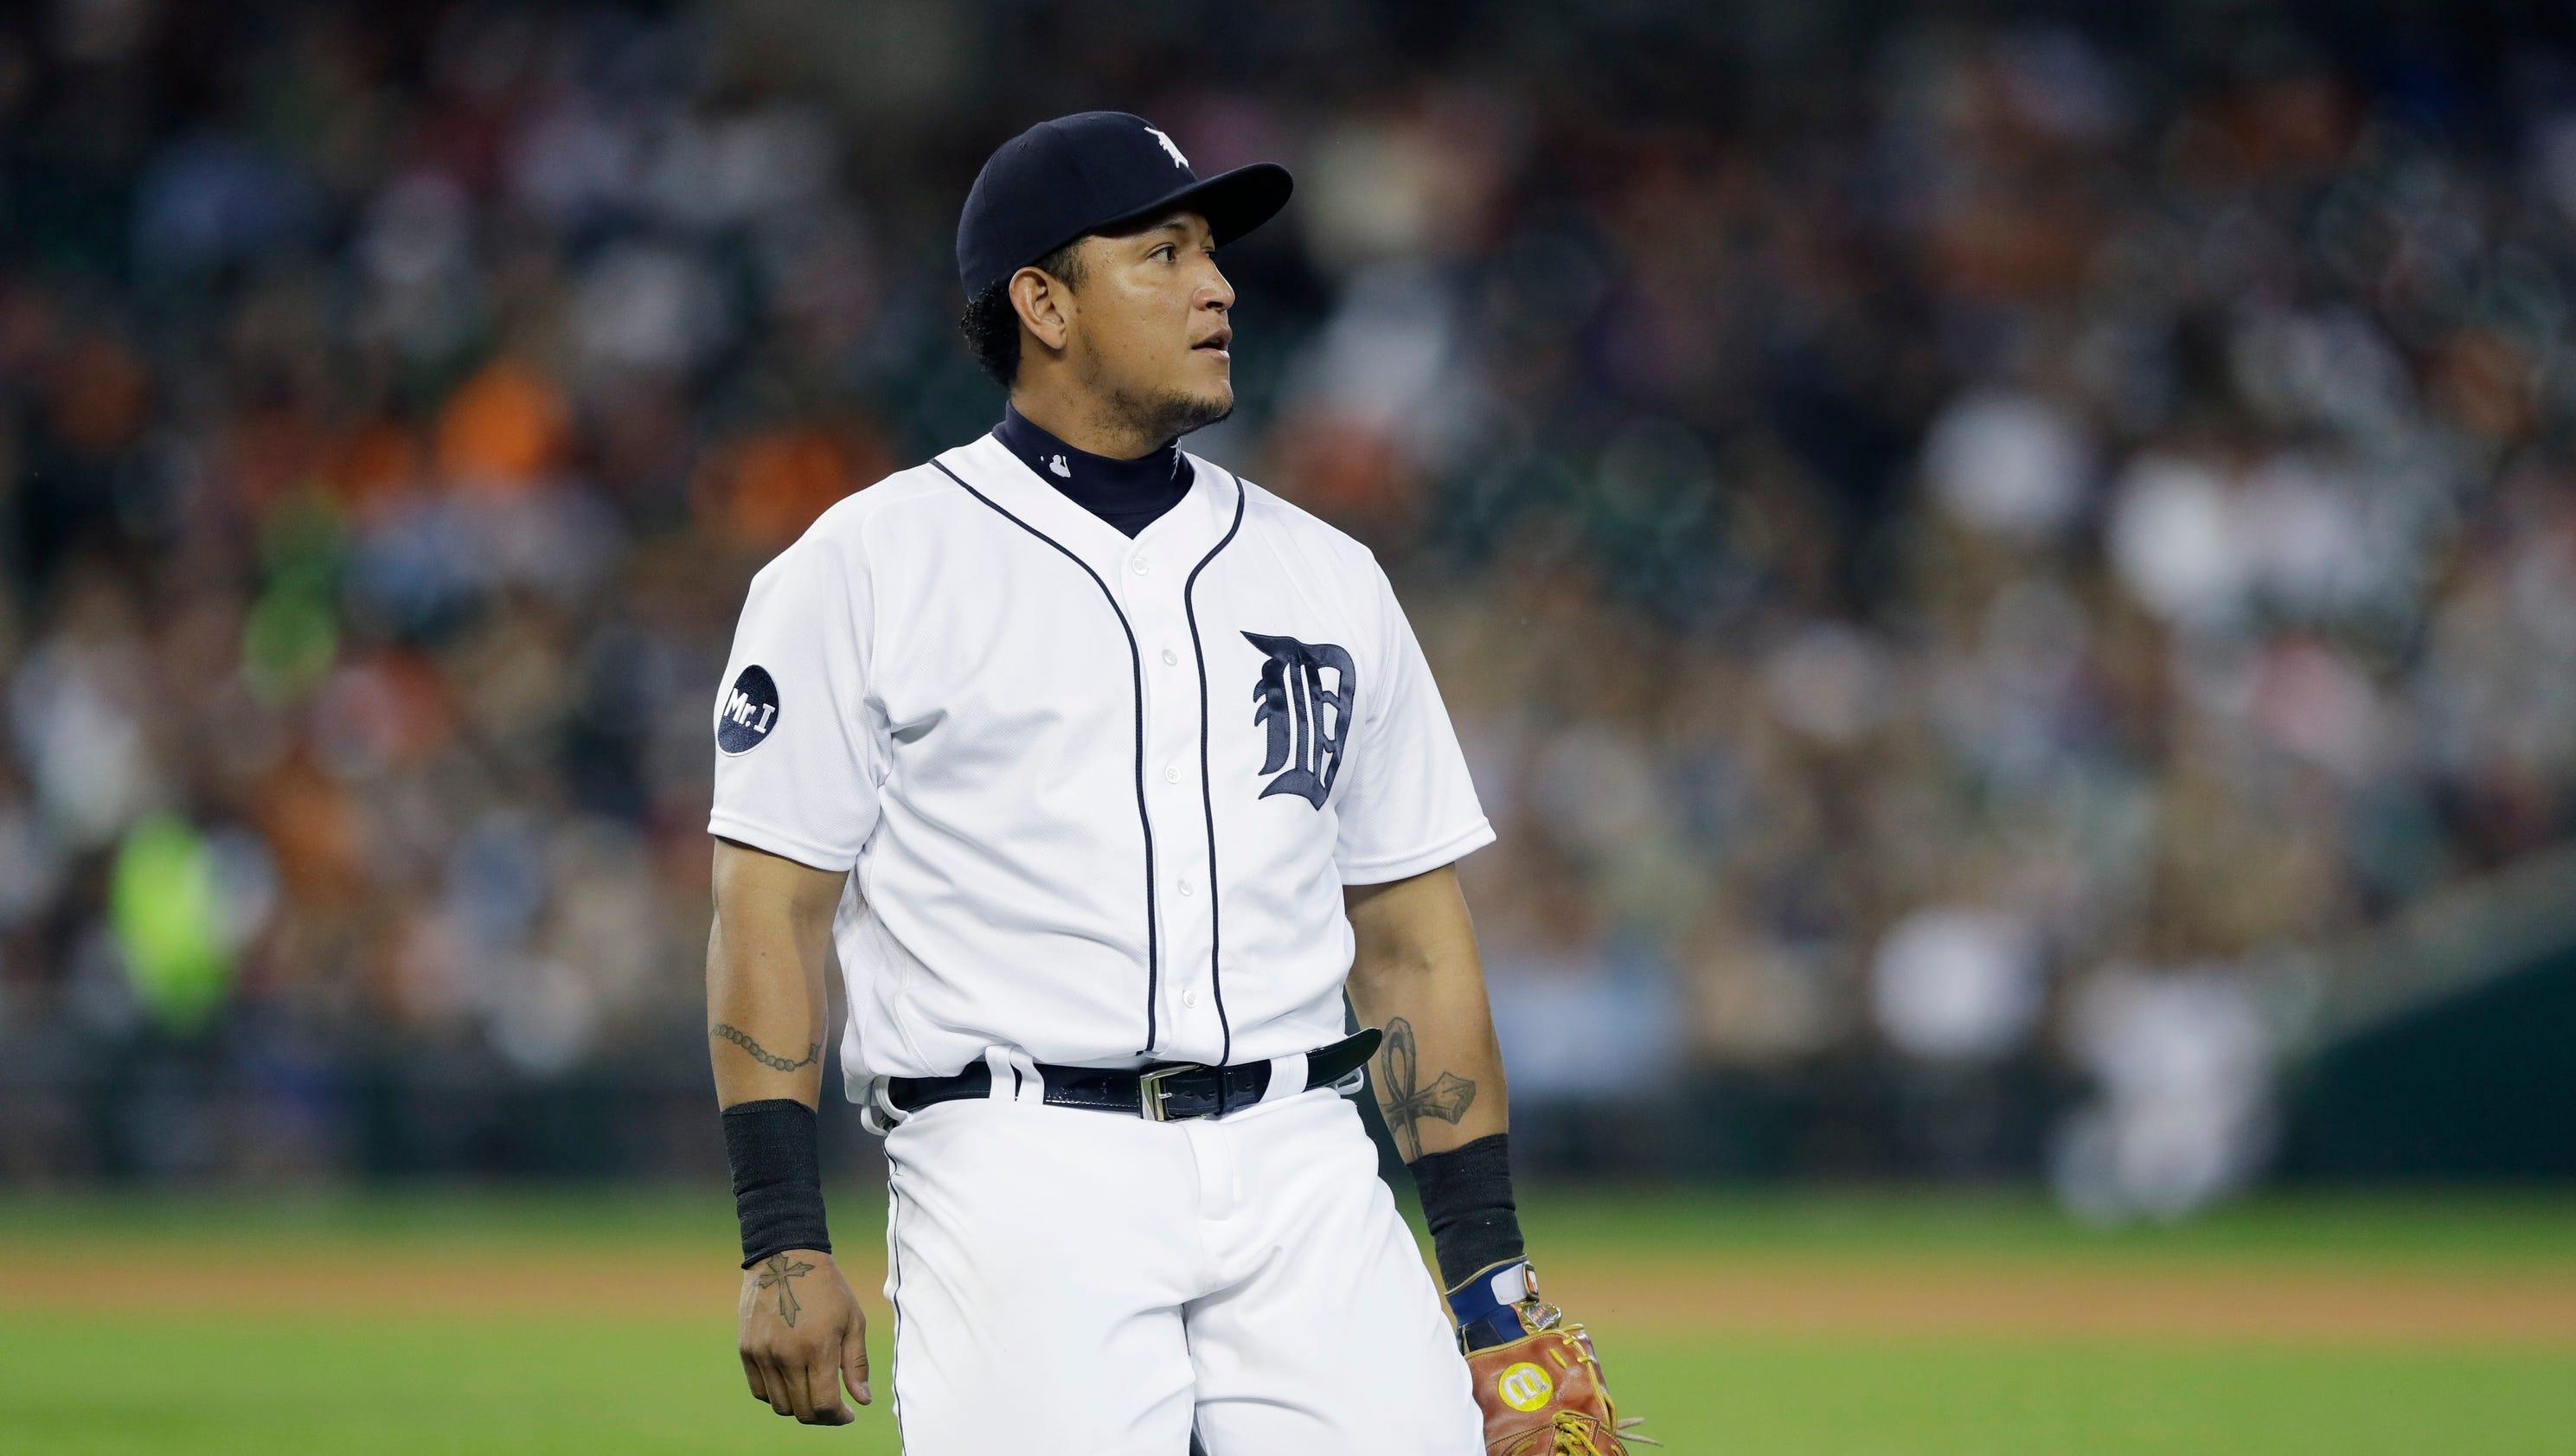 636390376903919611-ap-yankees-tigers-baseball-m